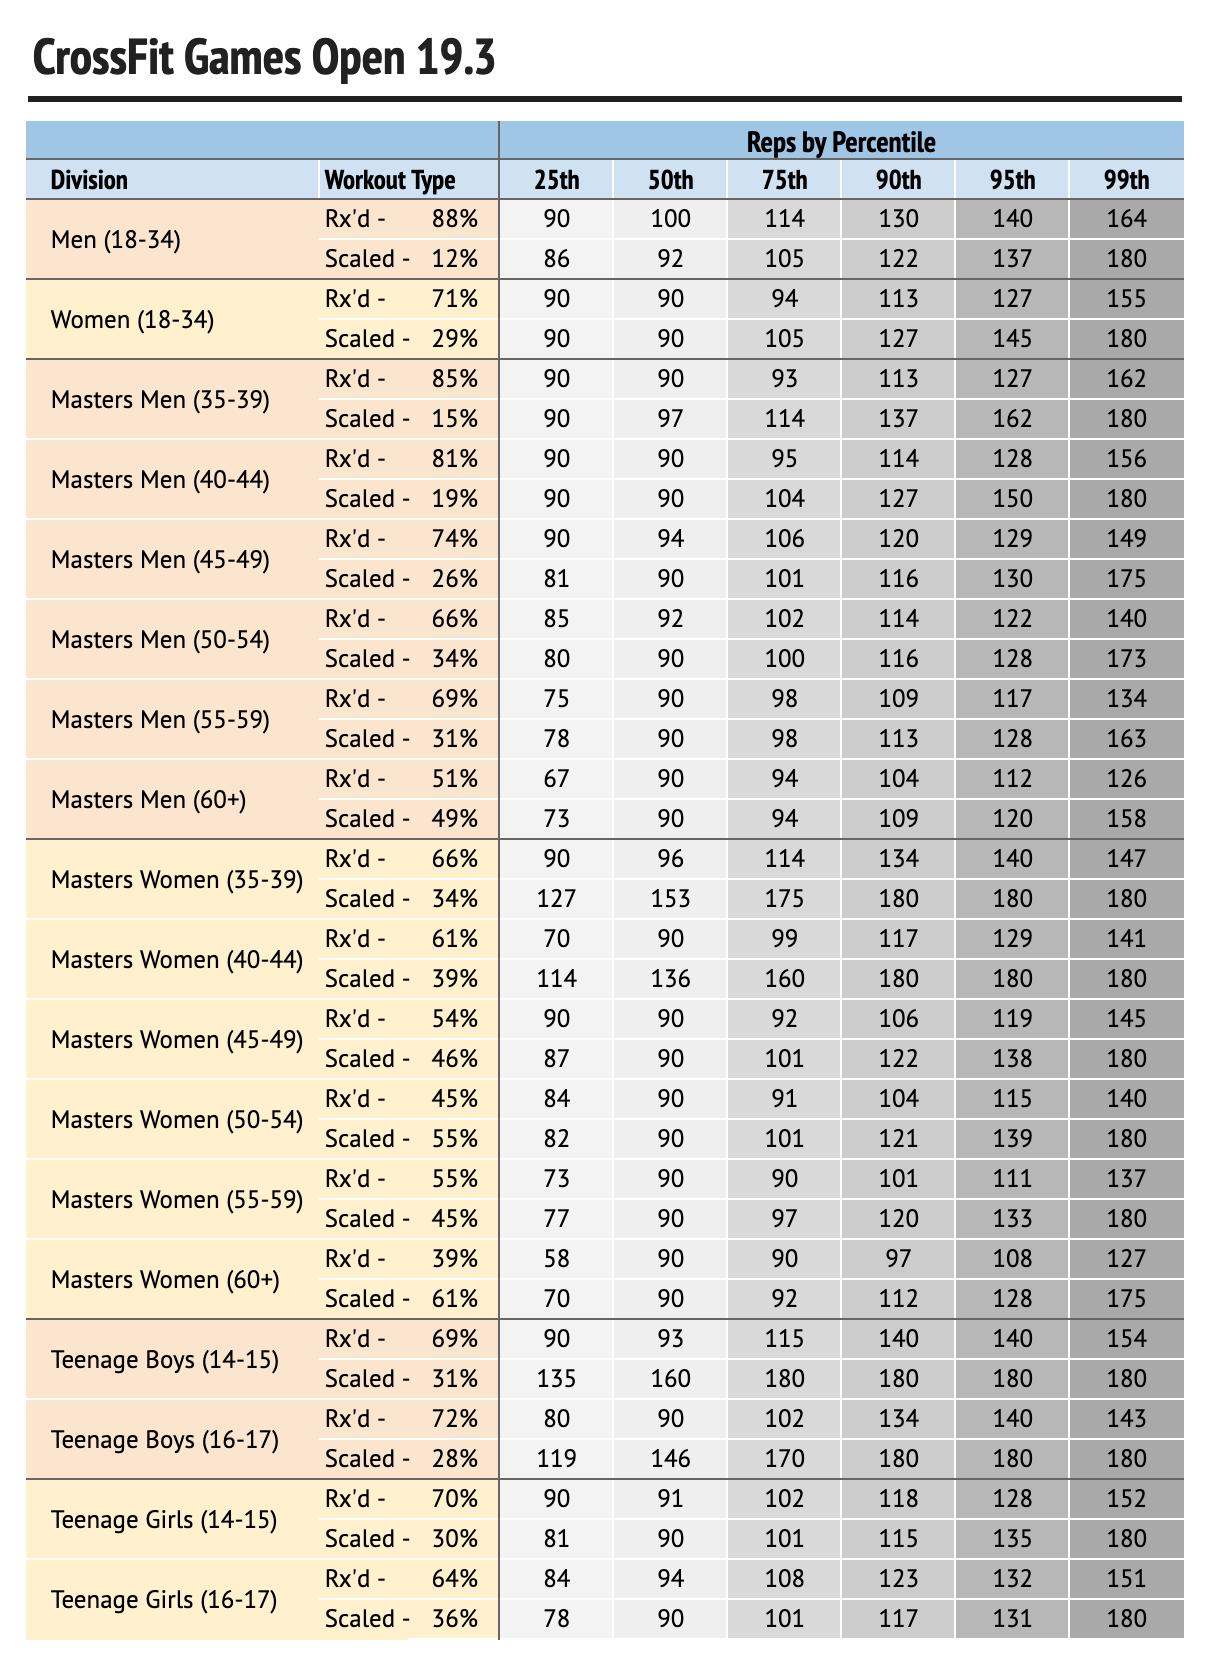 19-3 percentiles